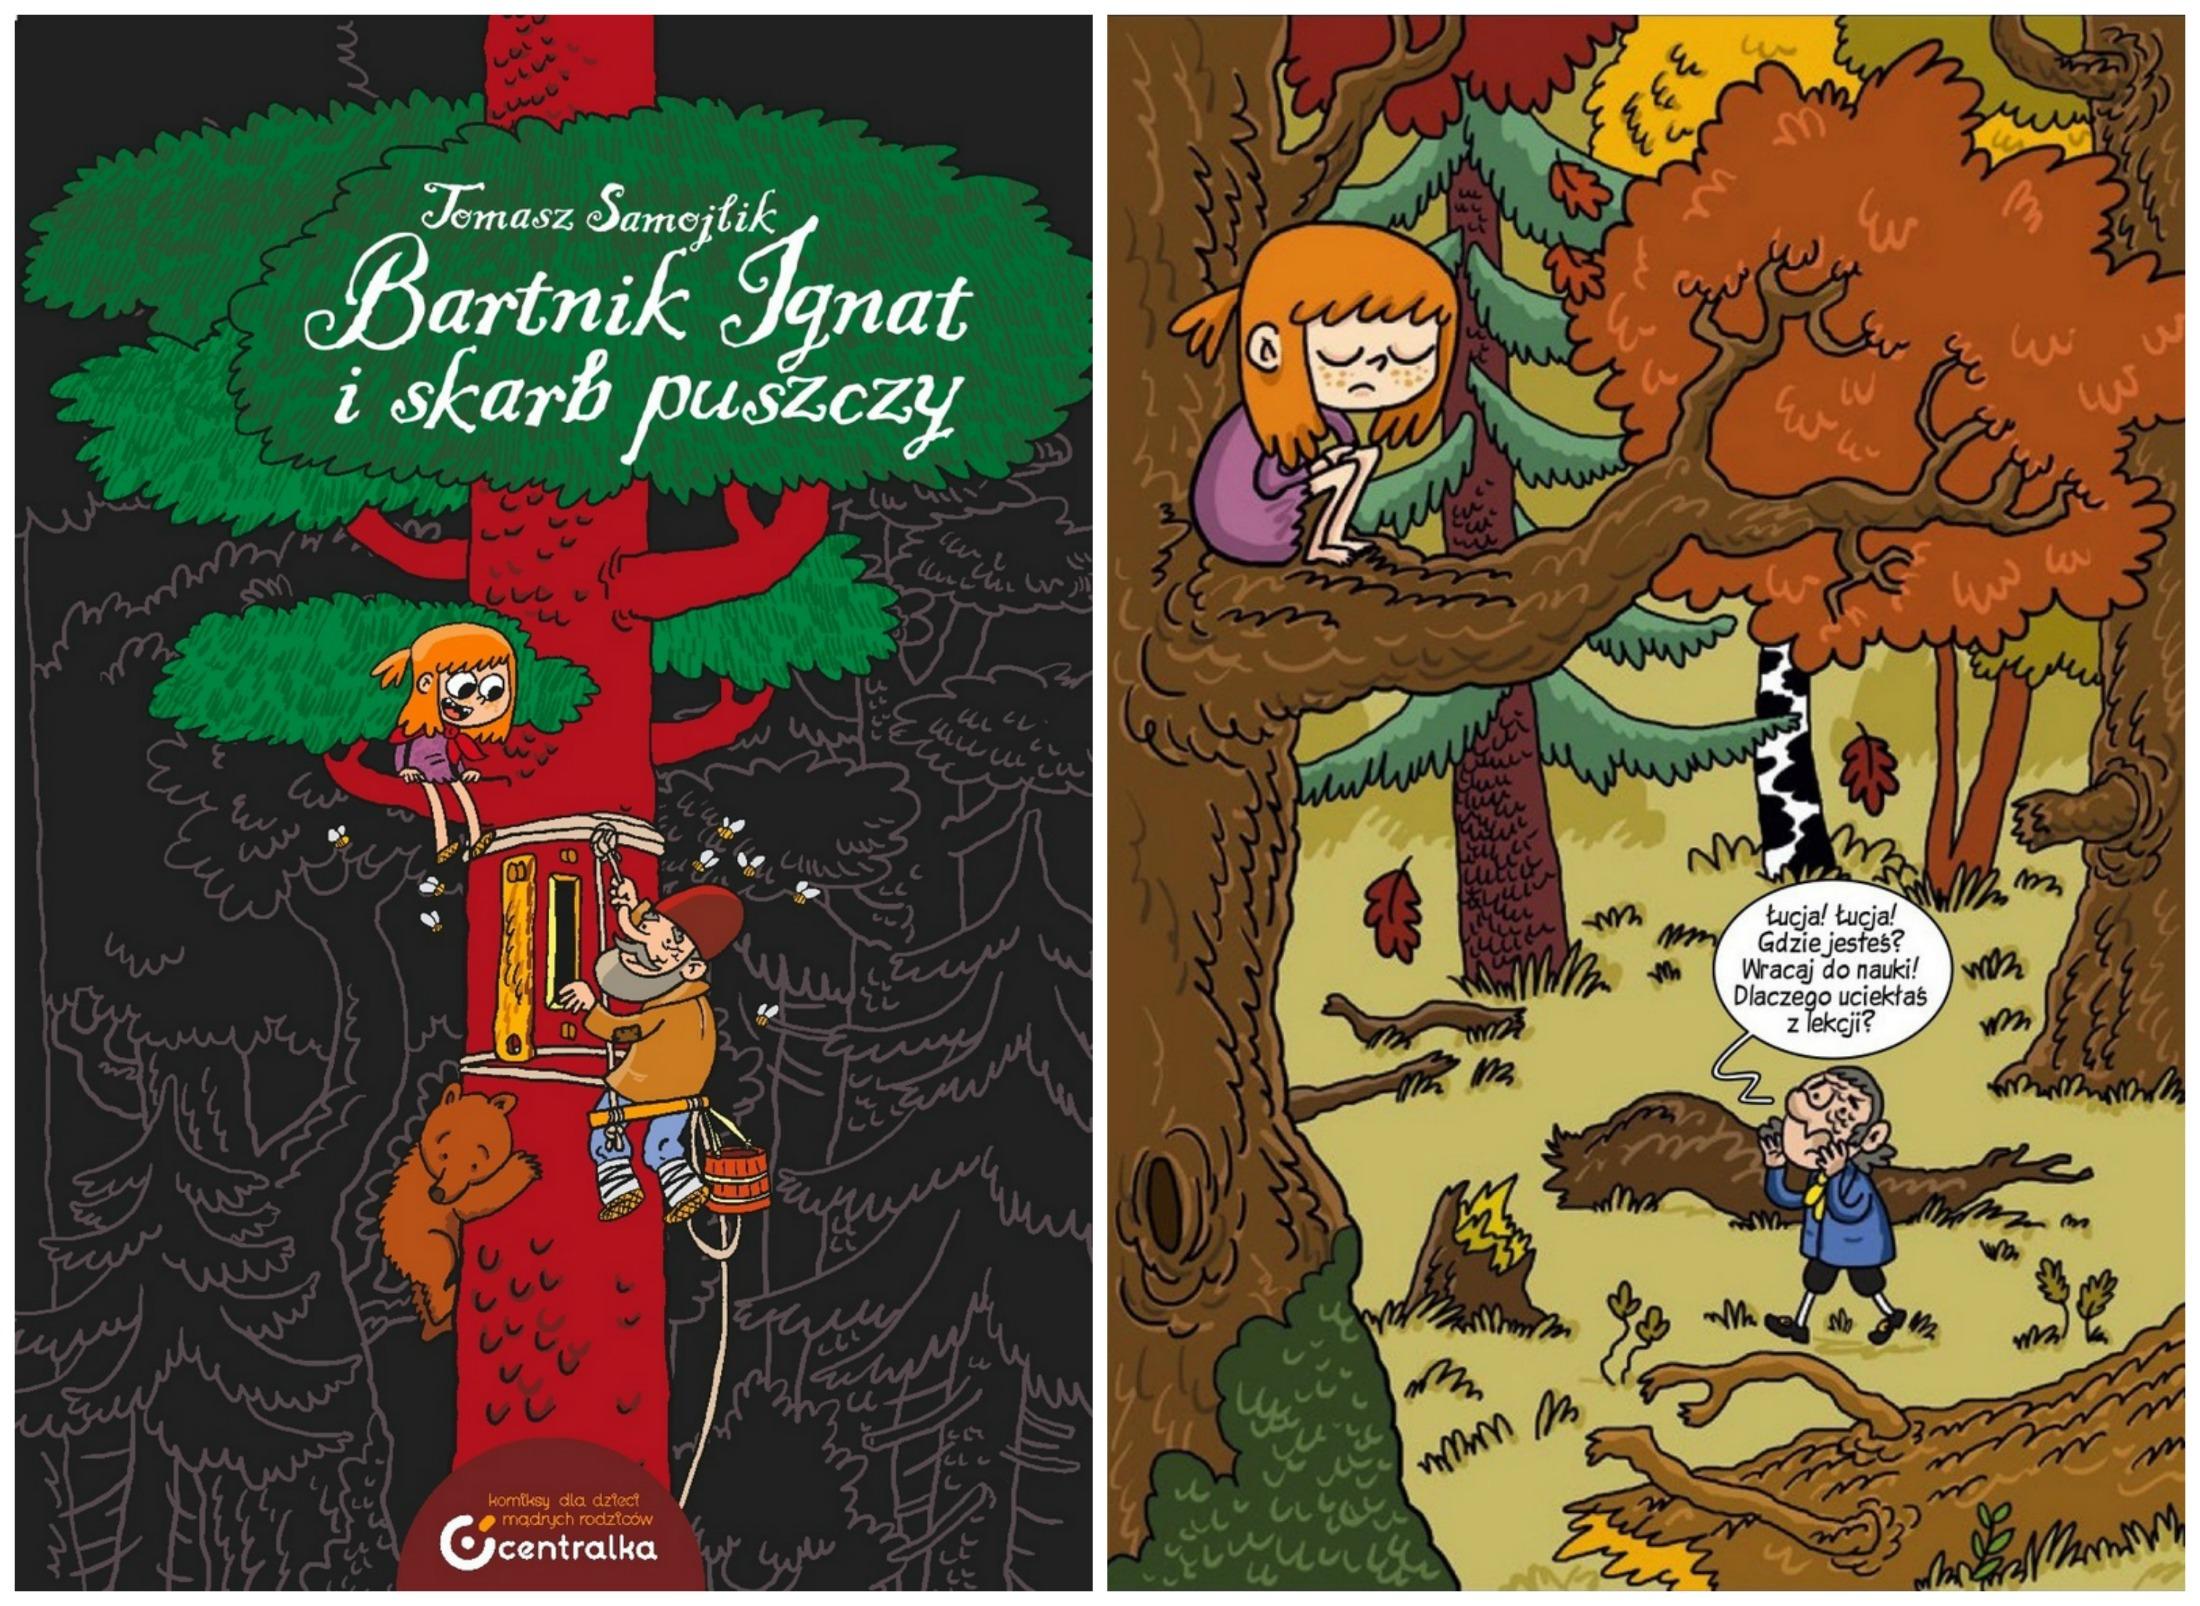 Okładka i fragment komiksu 'Bartnik Ignat i skarb Puszczy' (fot. materiały prasowe)